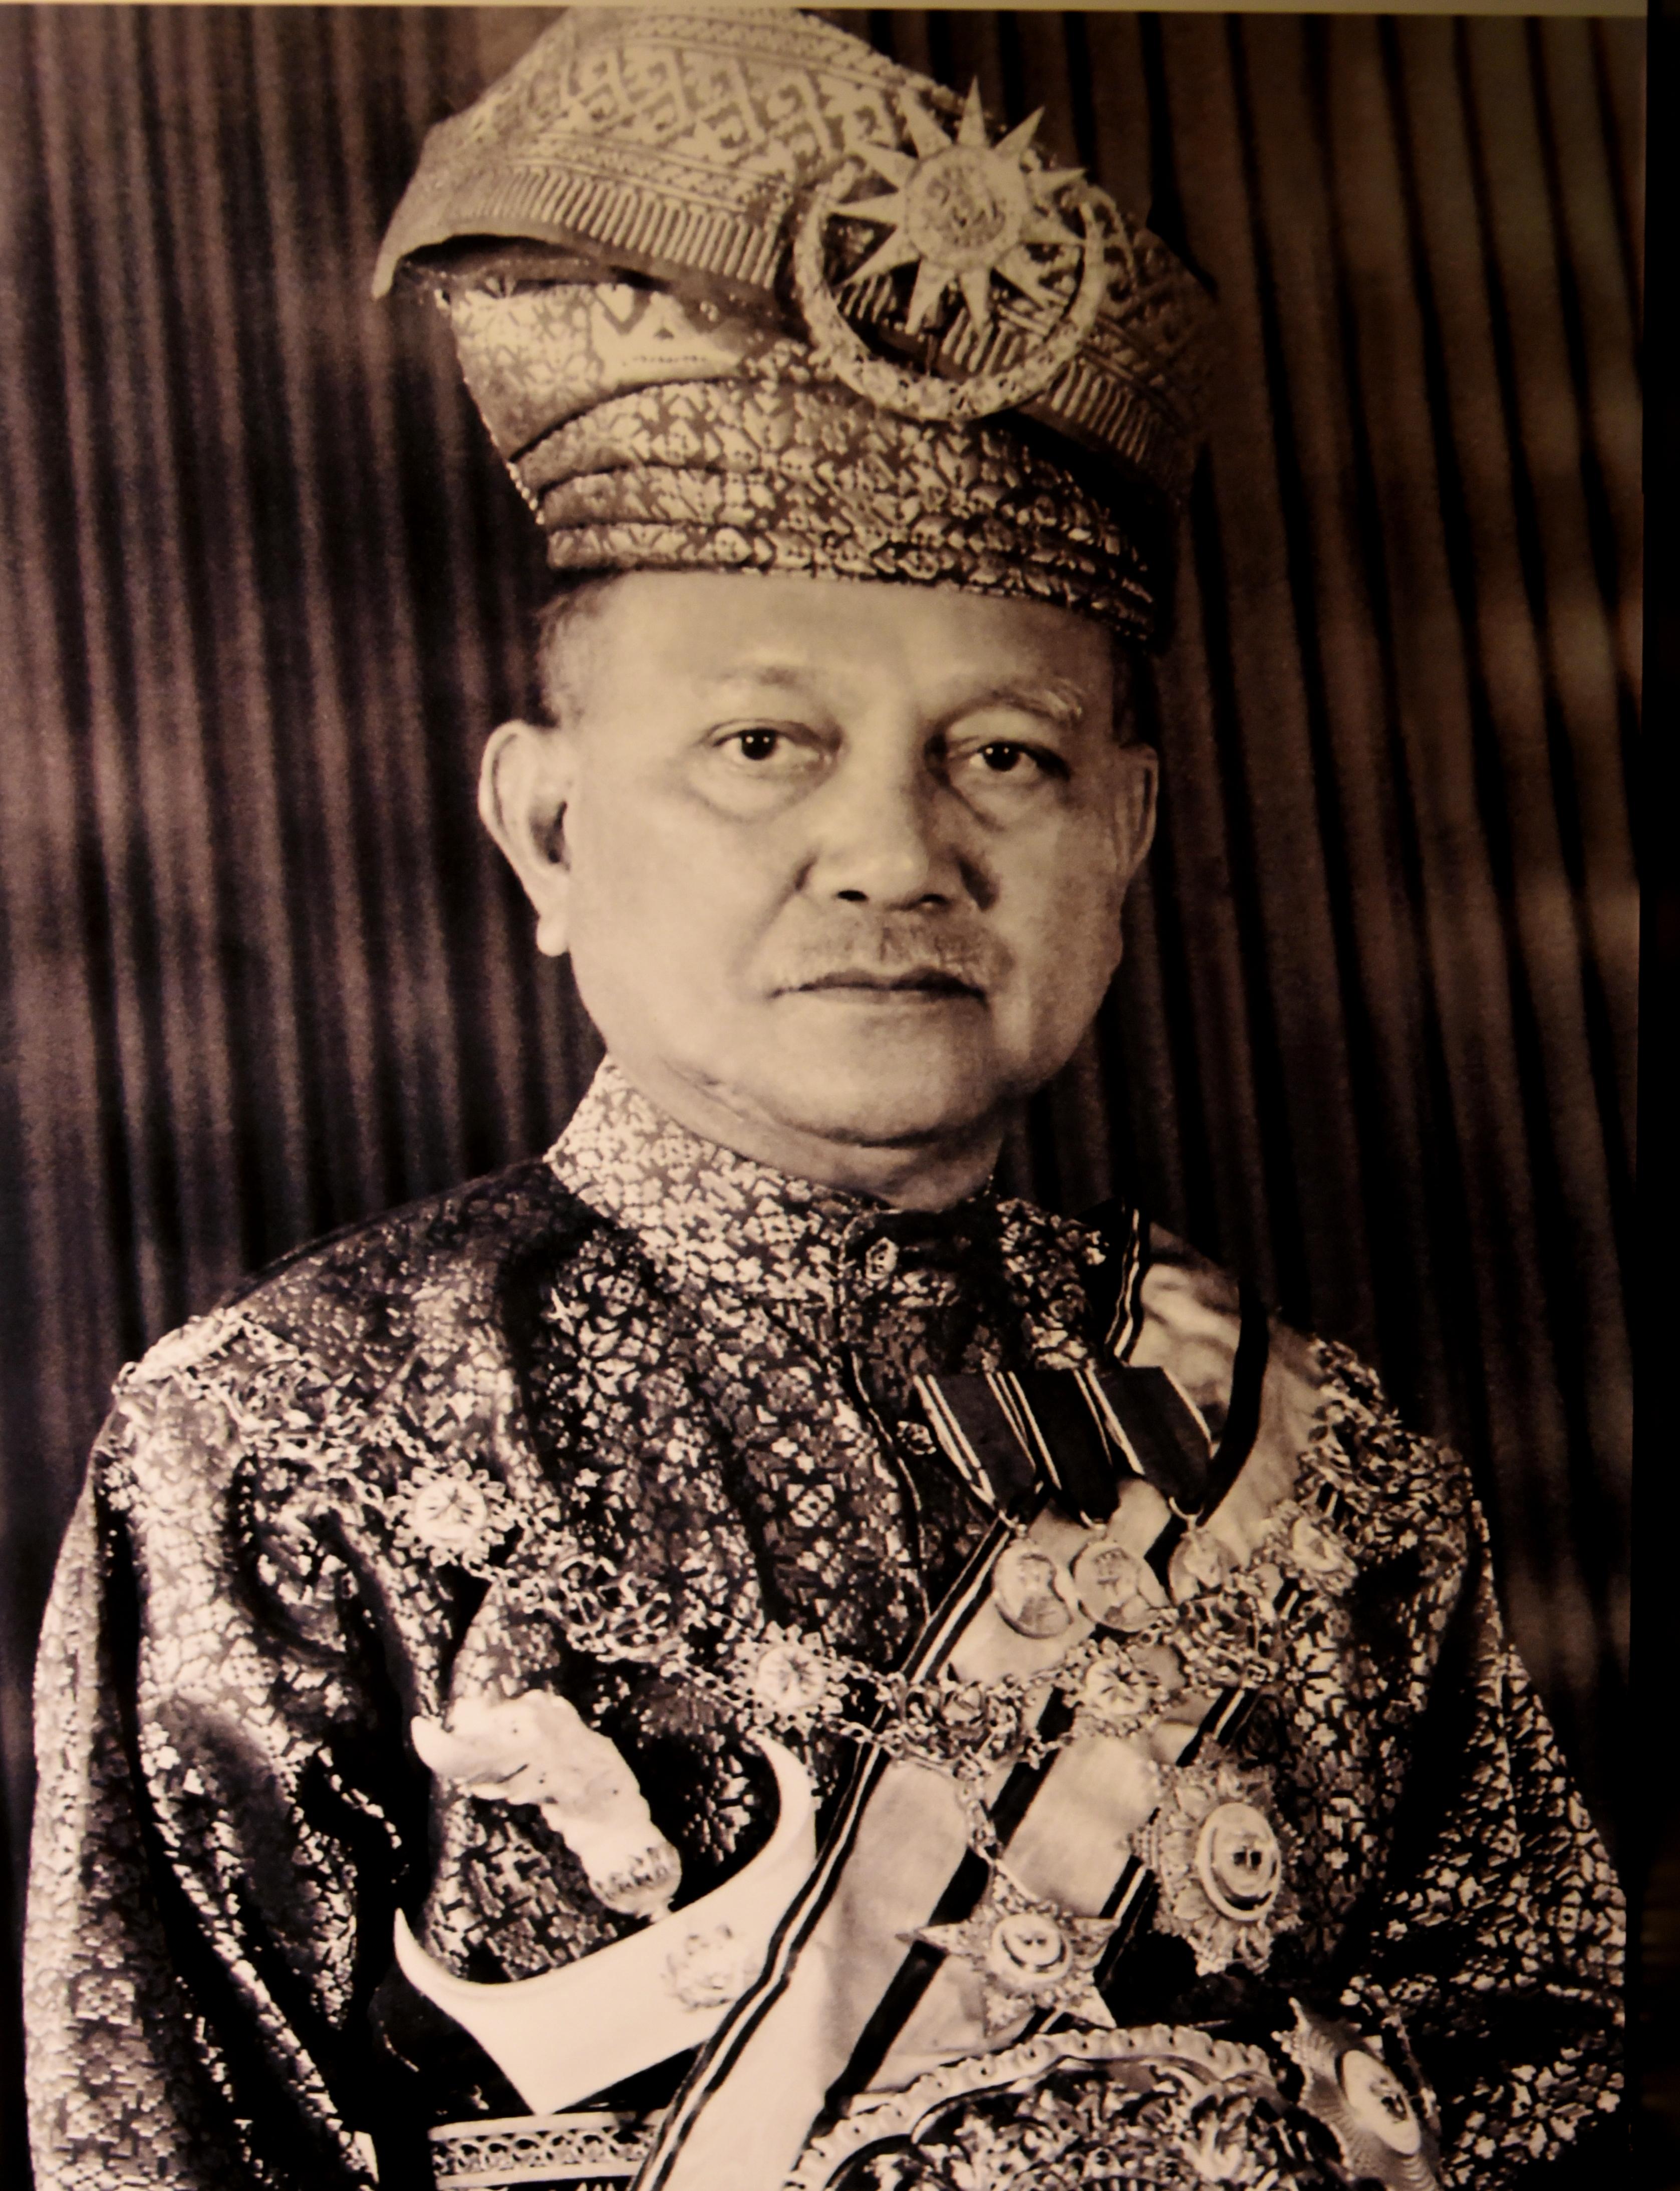 Abdul Rahman Dari Negeri Sembilan Wikipedia Bahasa Indonesia Ensiklopedia Bebas